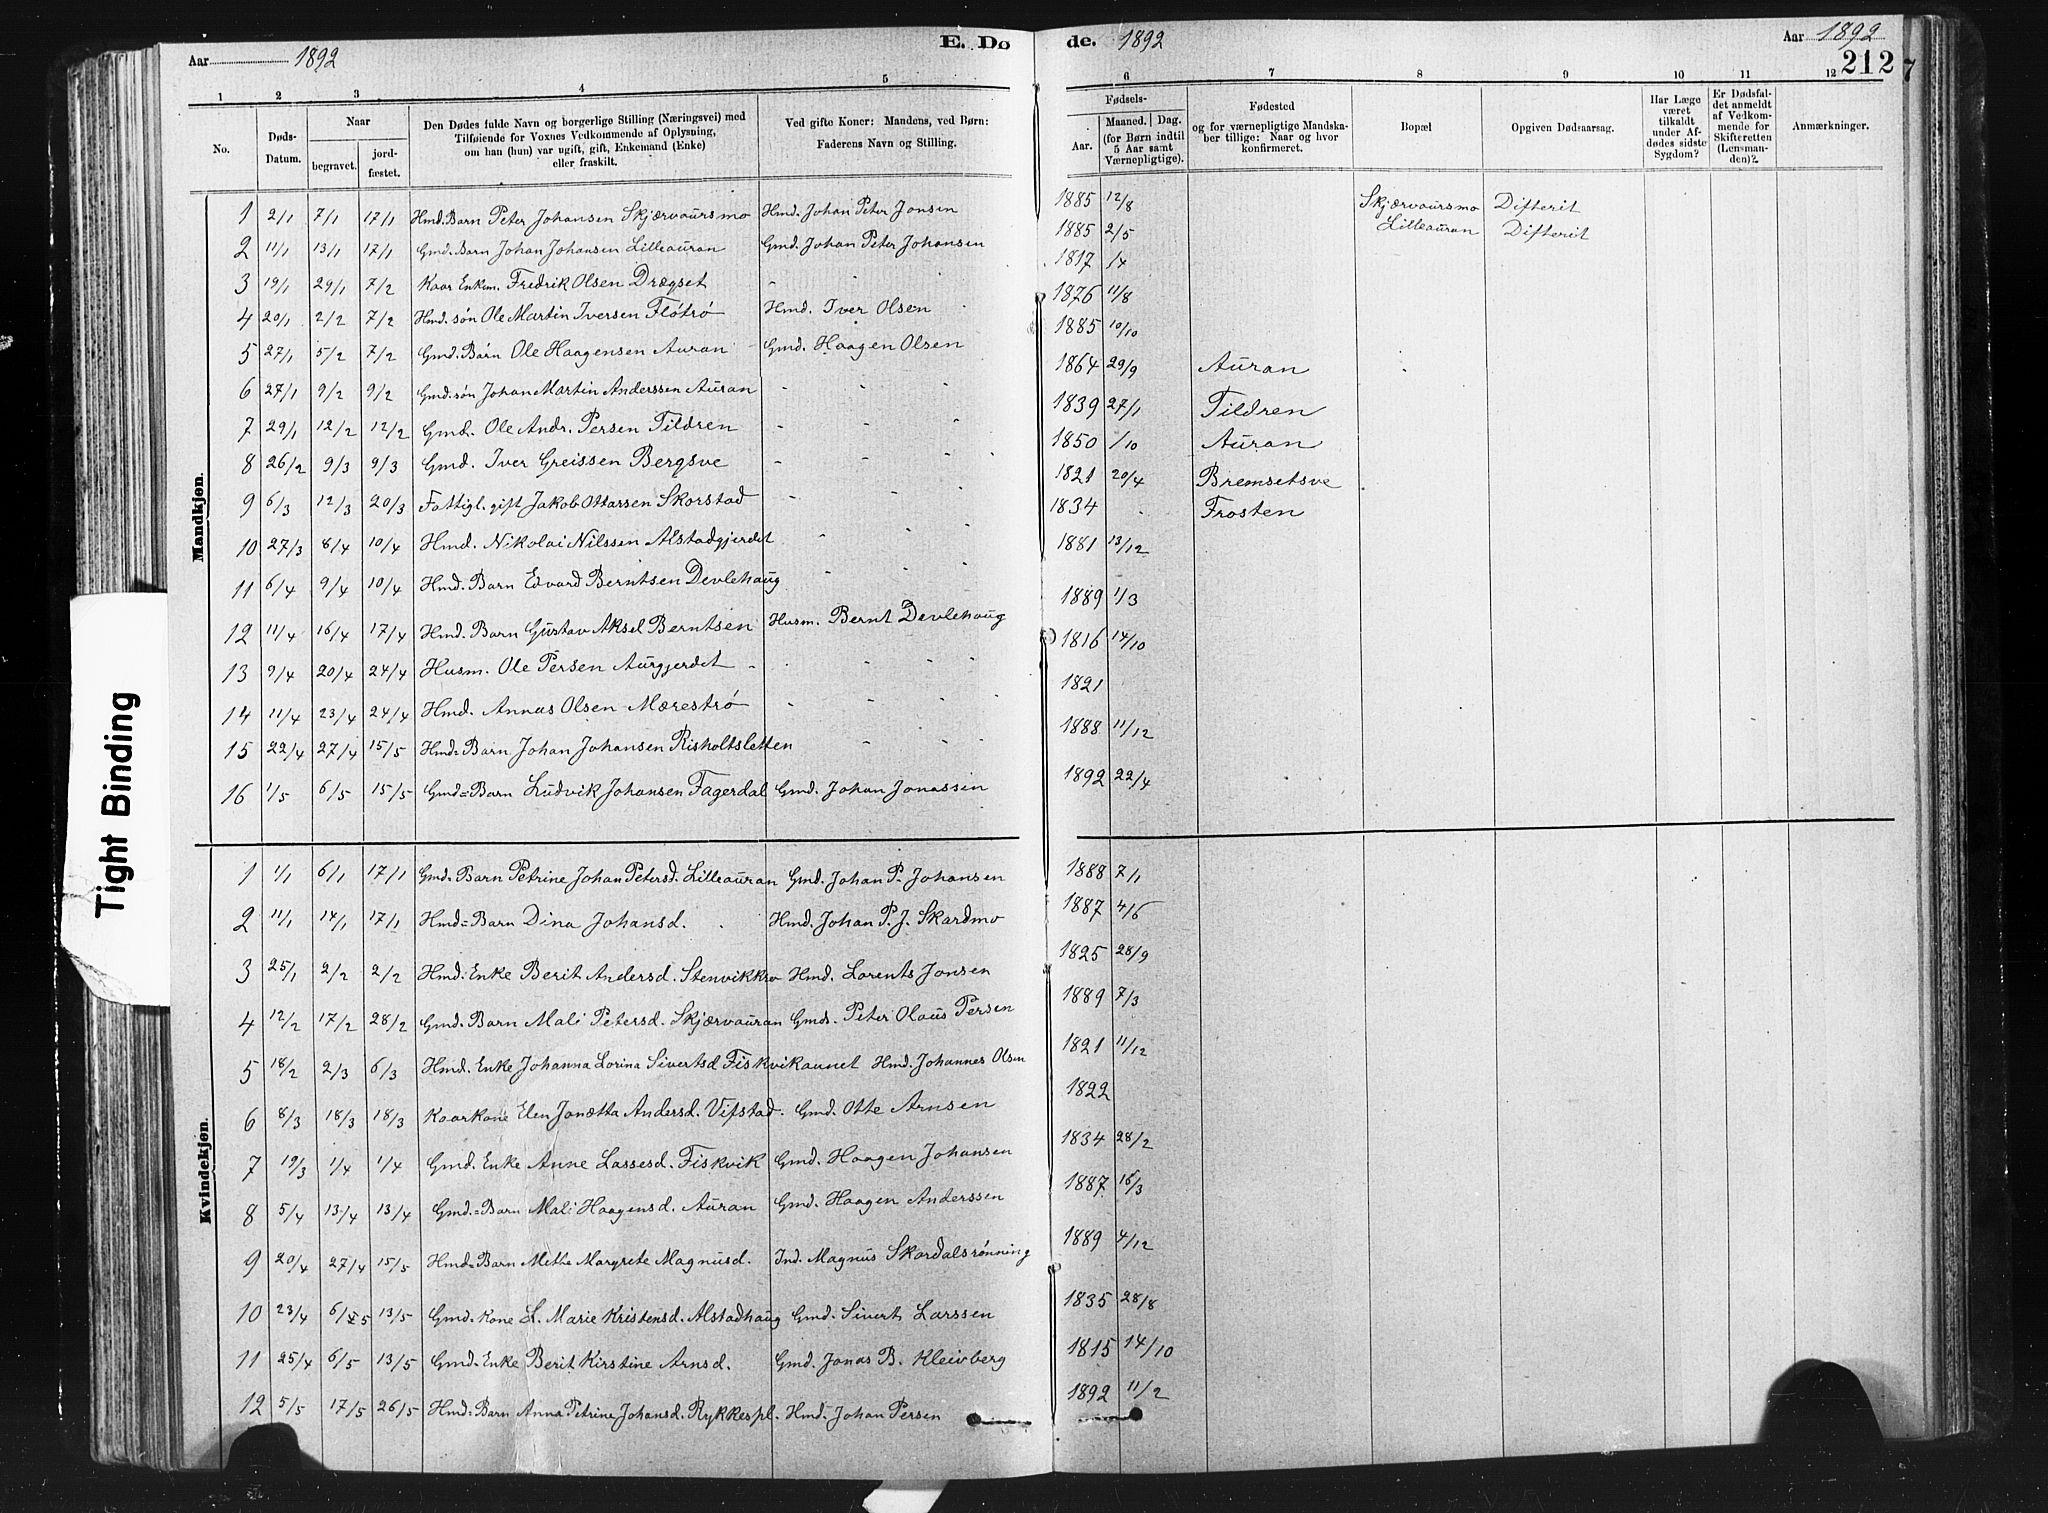 SAT, Ministerialprotokoller, klokkerbøker og fødselsregistre - Nord-Trøndelag, 712/L0103: Klokkerbok nr. 712C01, 1878-1917, s. 212